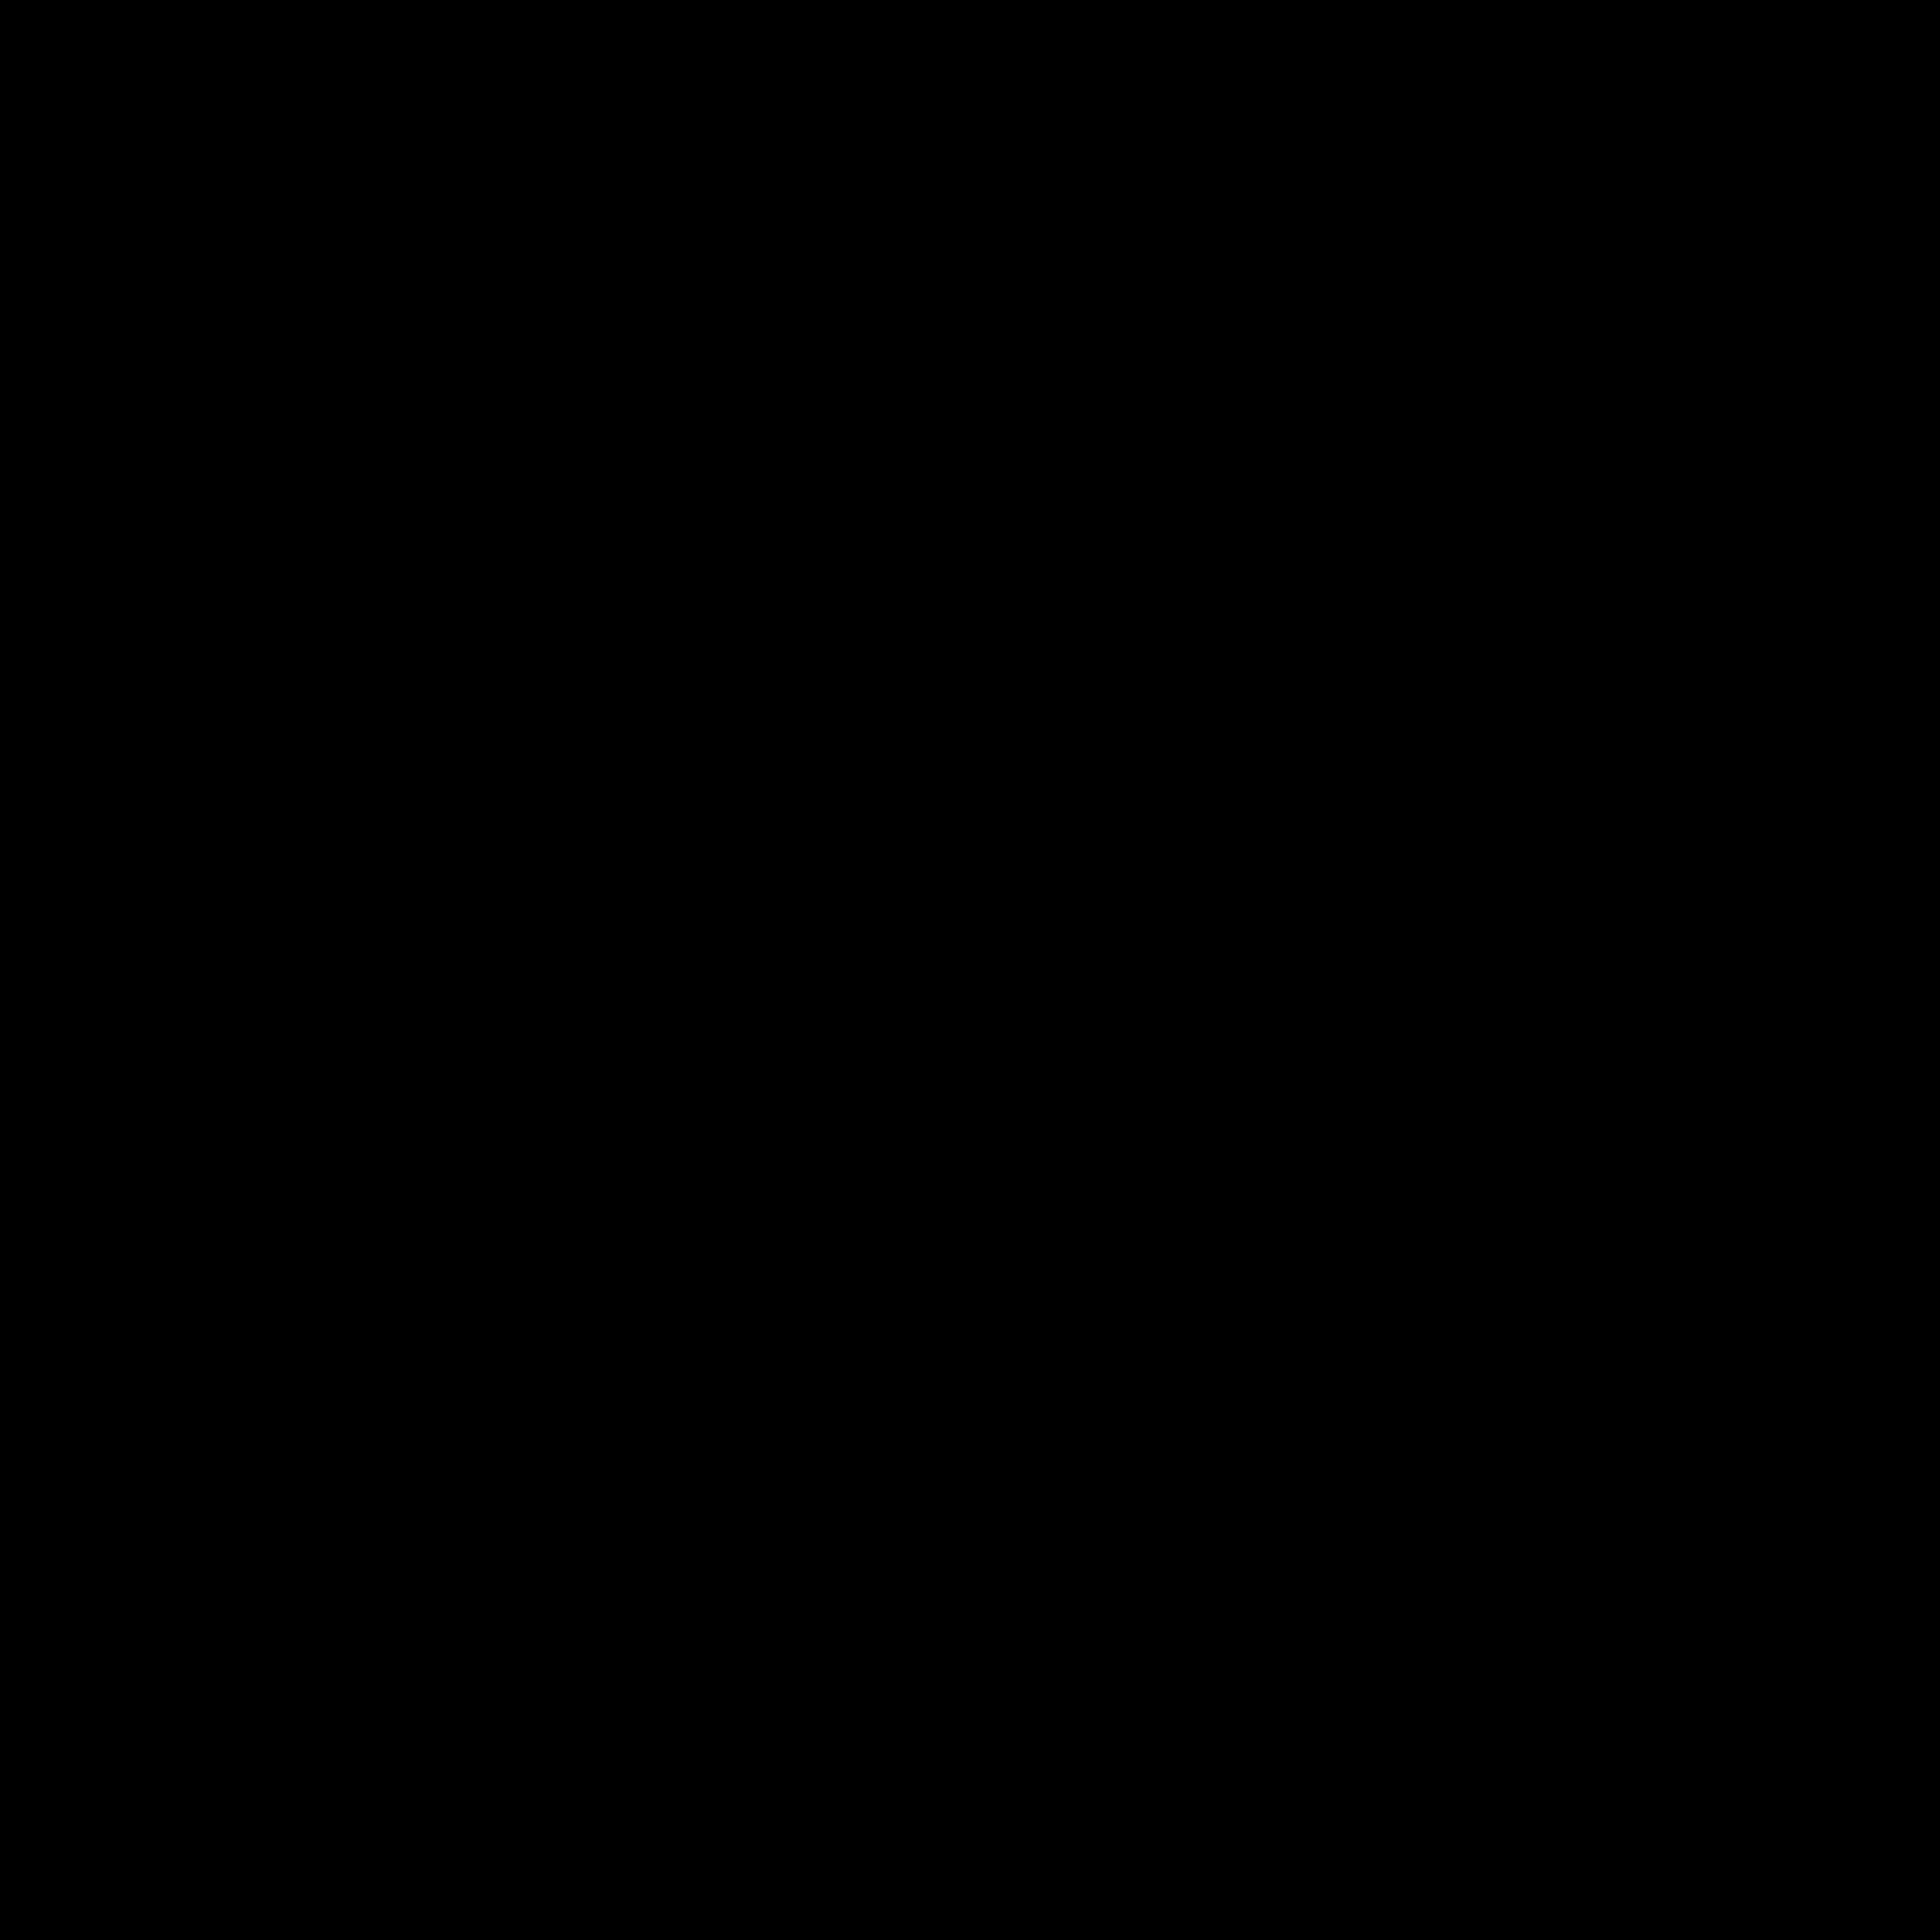 Γυαλιά Σκοπευτικά Deerhunter